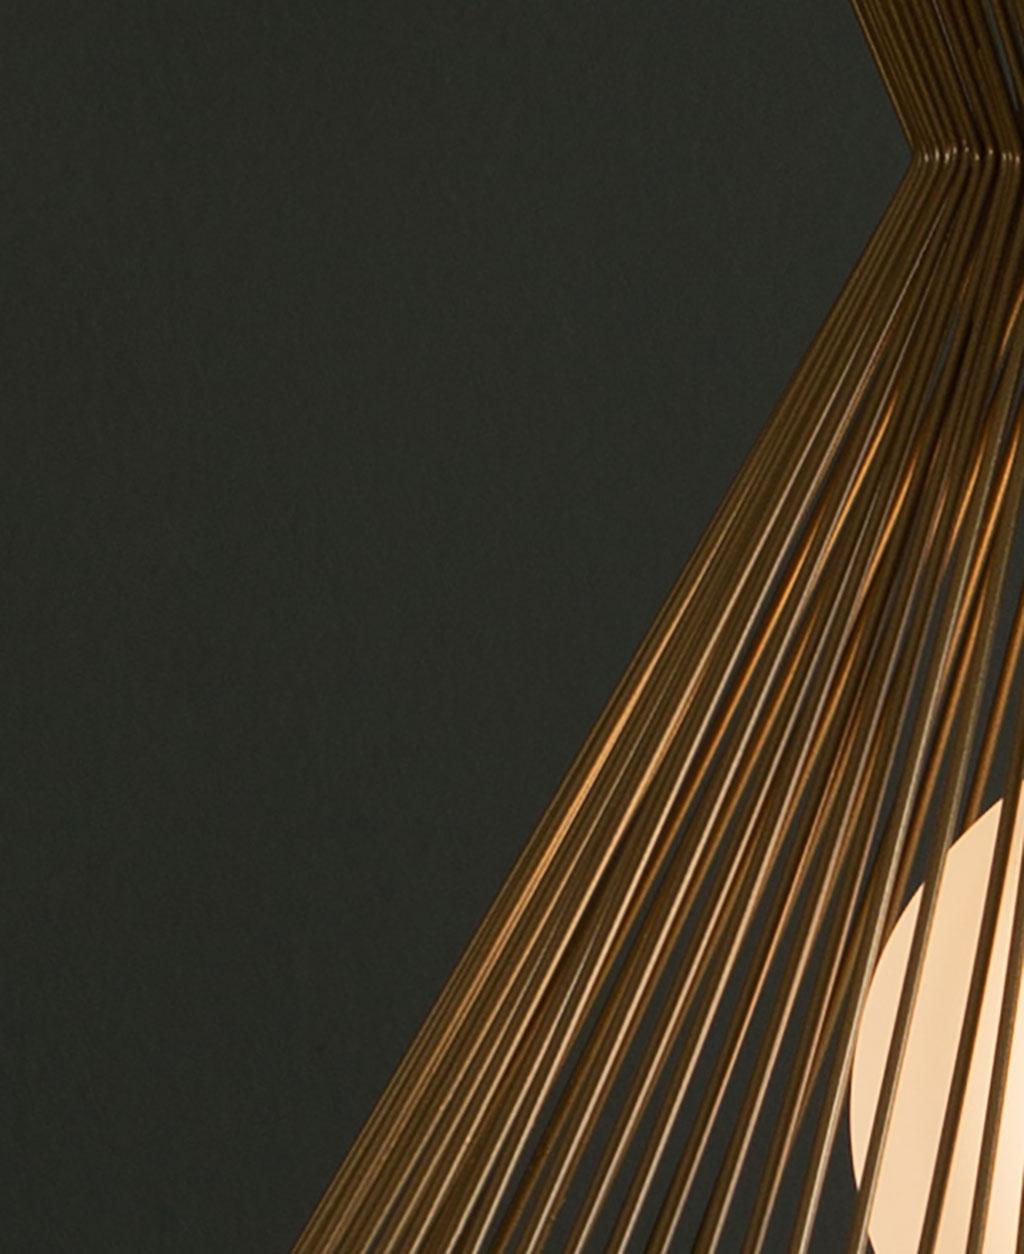 tadasana pendant light close up